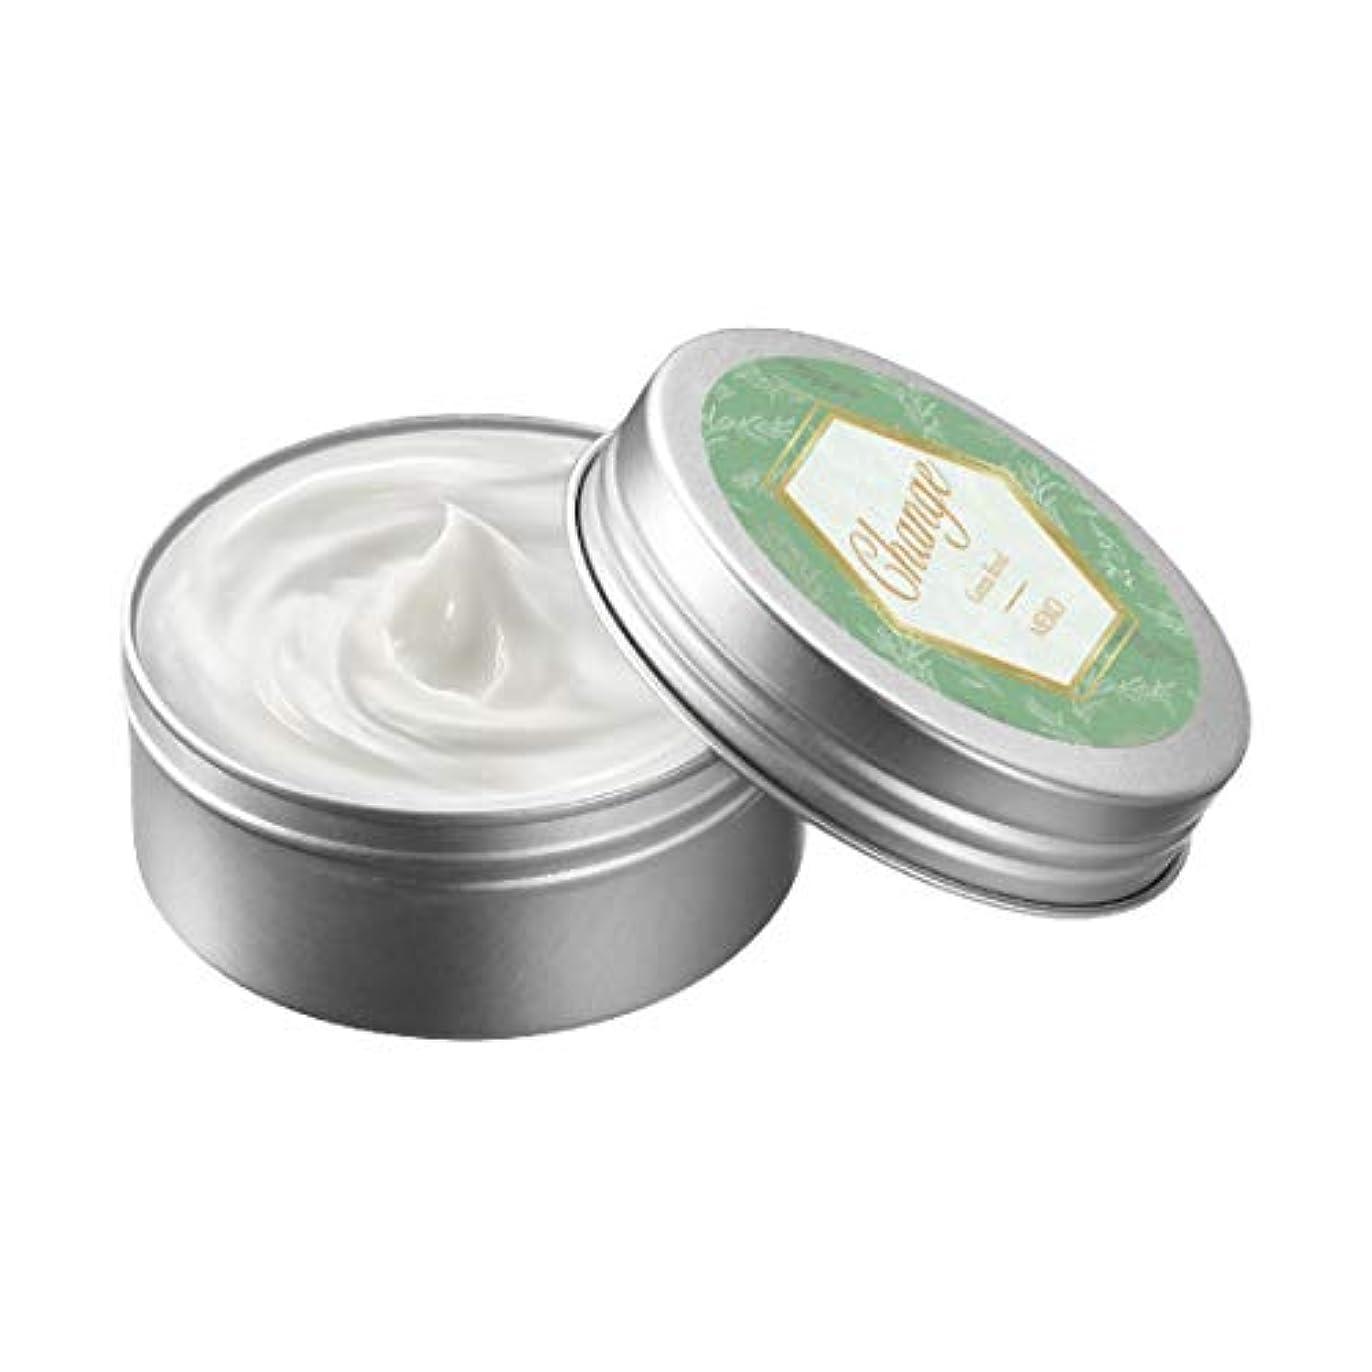 治世いつエジプト人ボディクリーム グリーンフローラルの香り 60g ( 全身 クリーム 顔 保湿 スキンケア ハンドケア 全身クリーム )【 メイコー メイコー化粧品 】